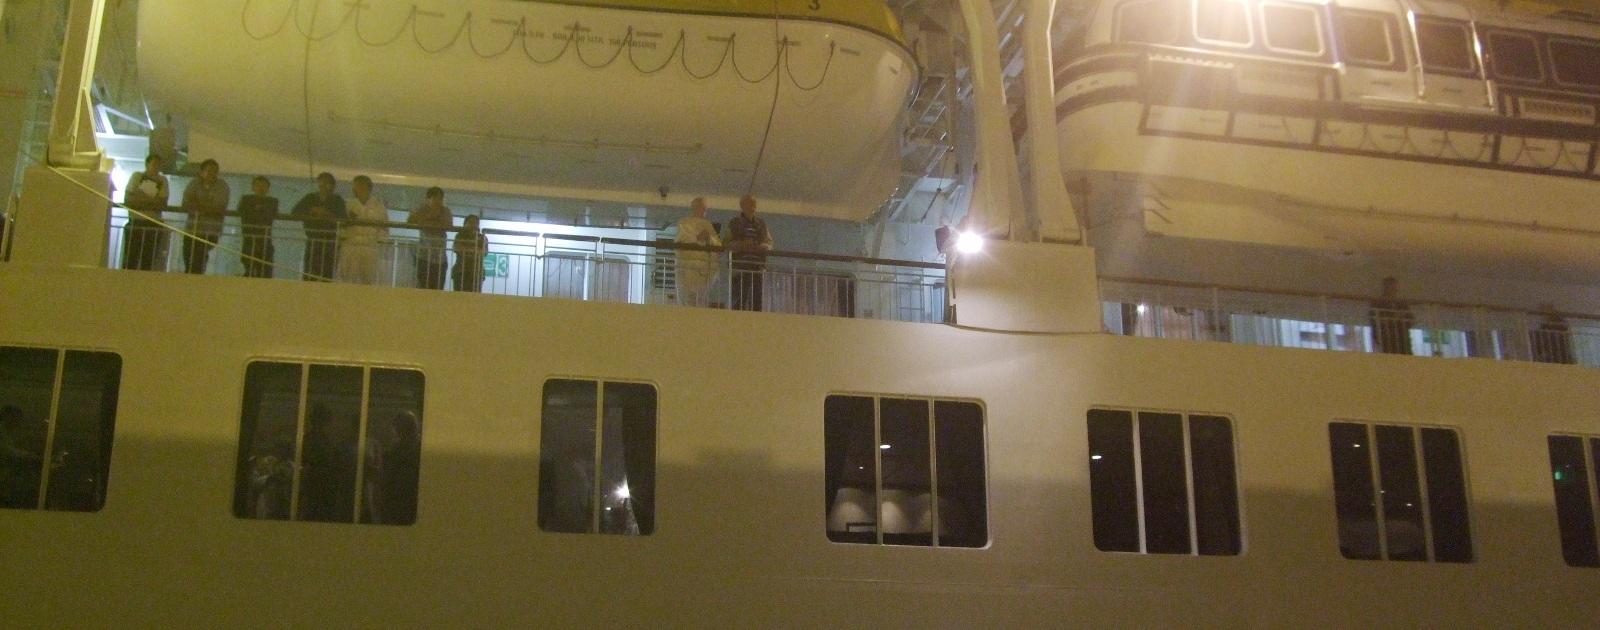 1099) 小樽港 「滞在型豪華クルーズ船 The World」_f0126829_1153176.jpg